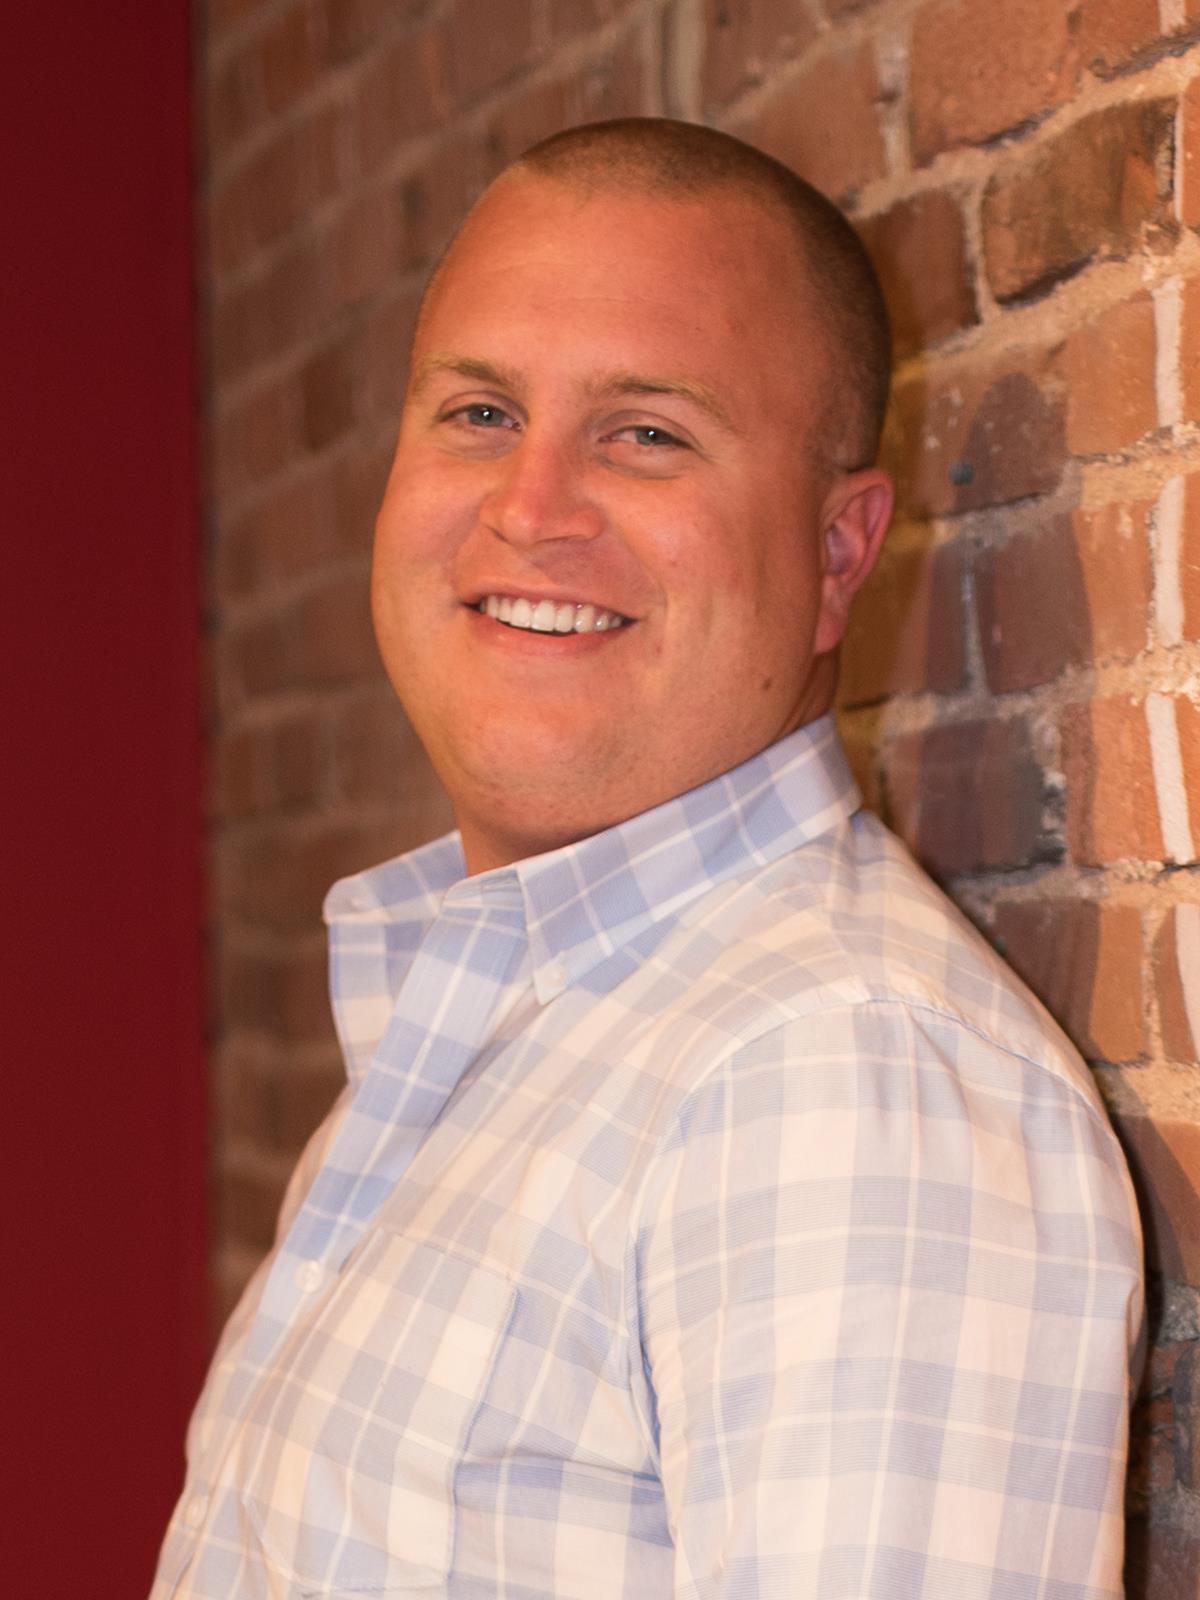 Adam Muhlenhaupt